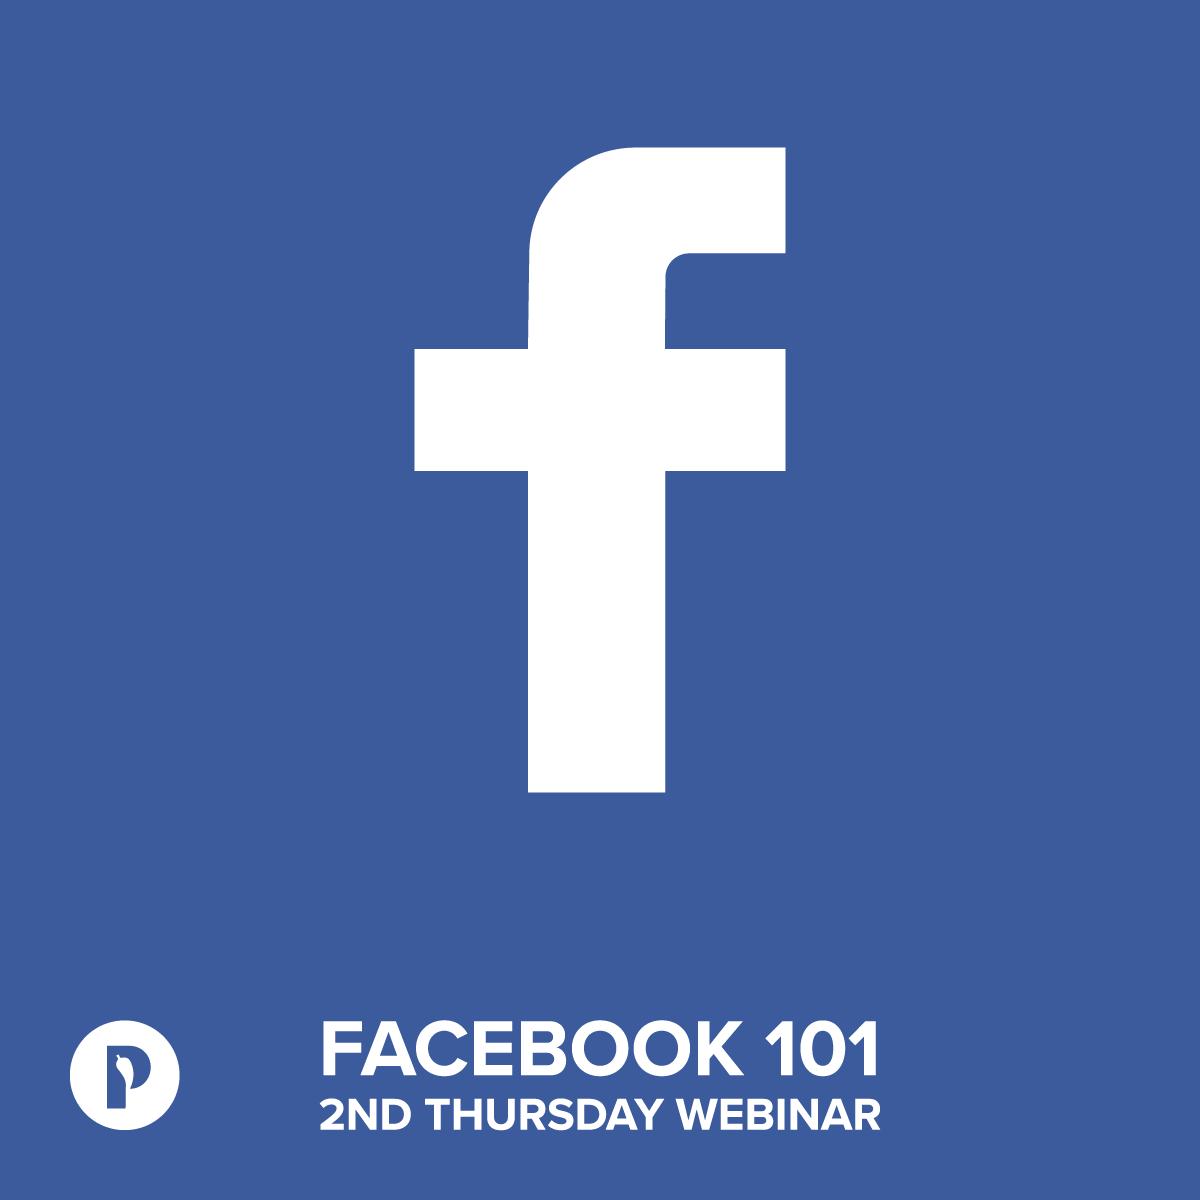 Facebook 101 Graphic